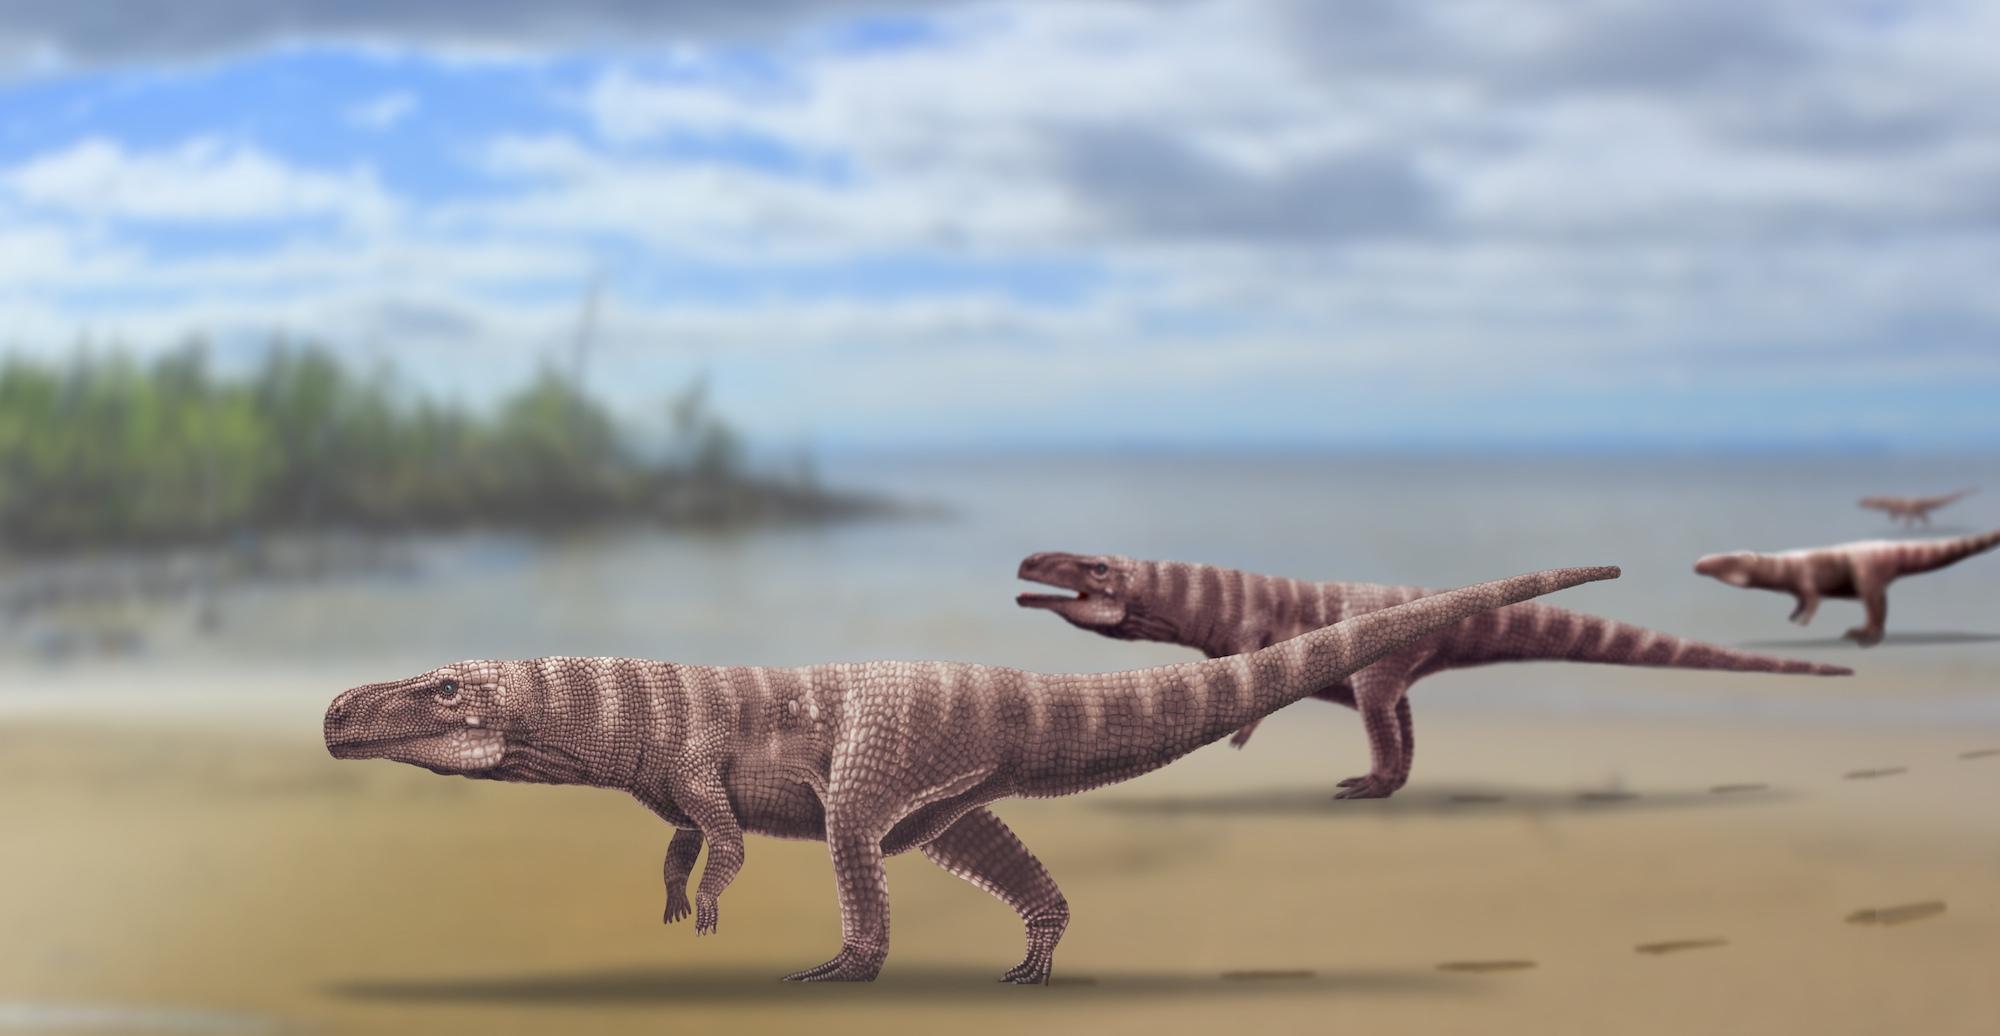 Гигантские двуногие крокодиломорфы мелового периода в представлении художника